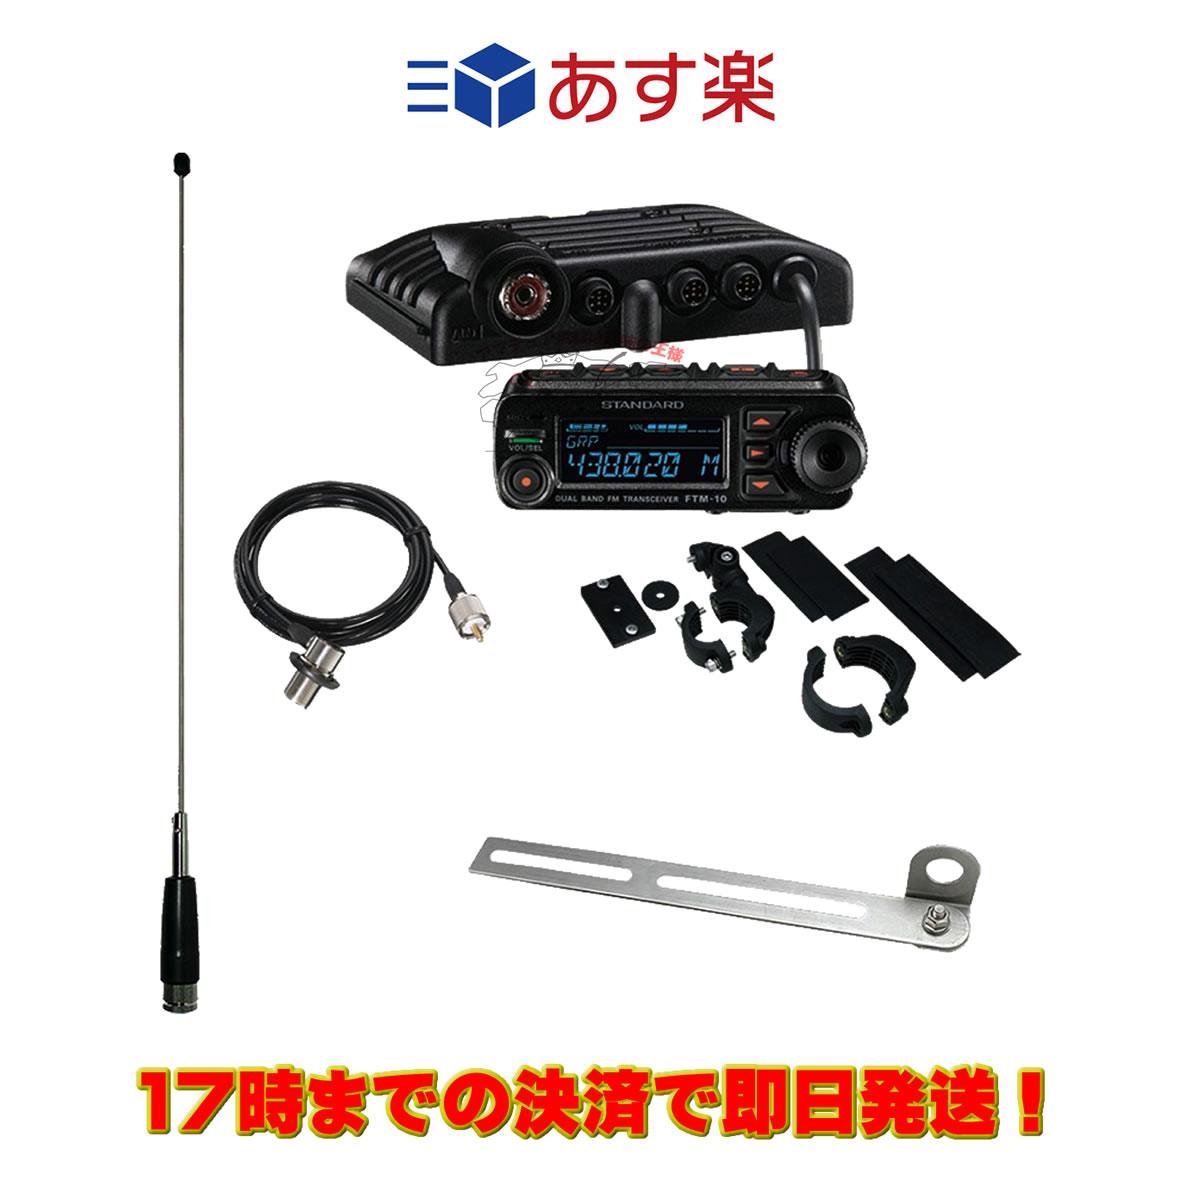 FTM-10SJMK スタンダード 144/430MHz 防水型FMデュアルバンドトランシーバー 10W(430MHz:7W)